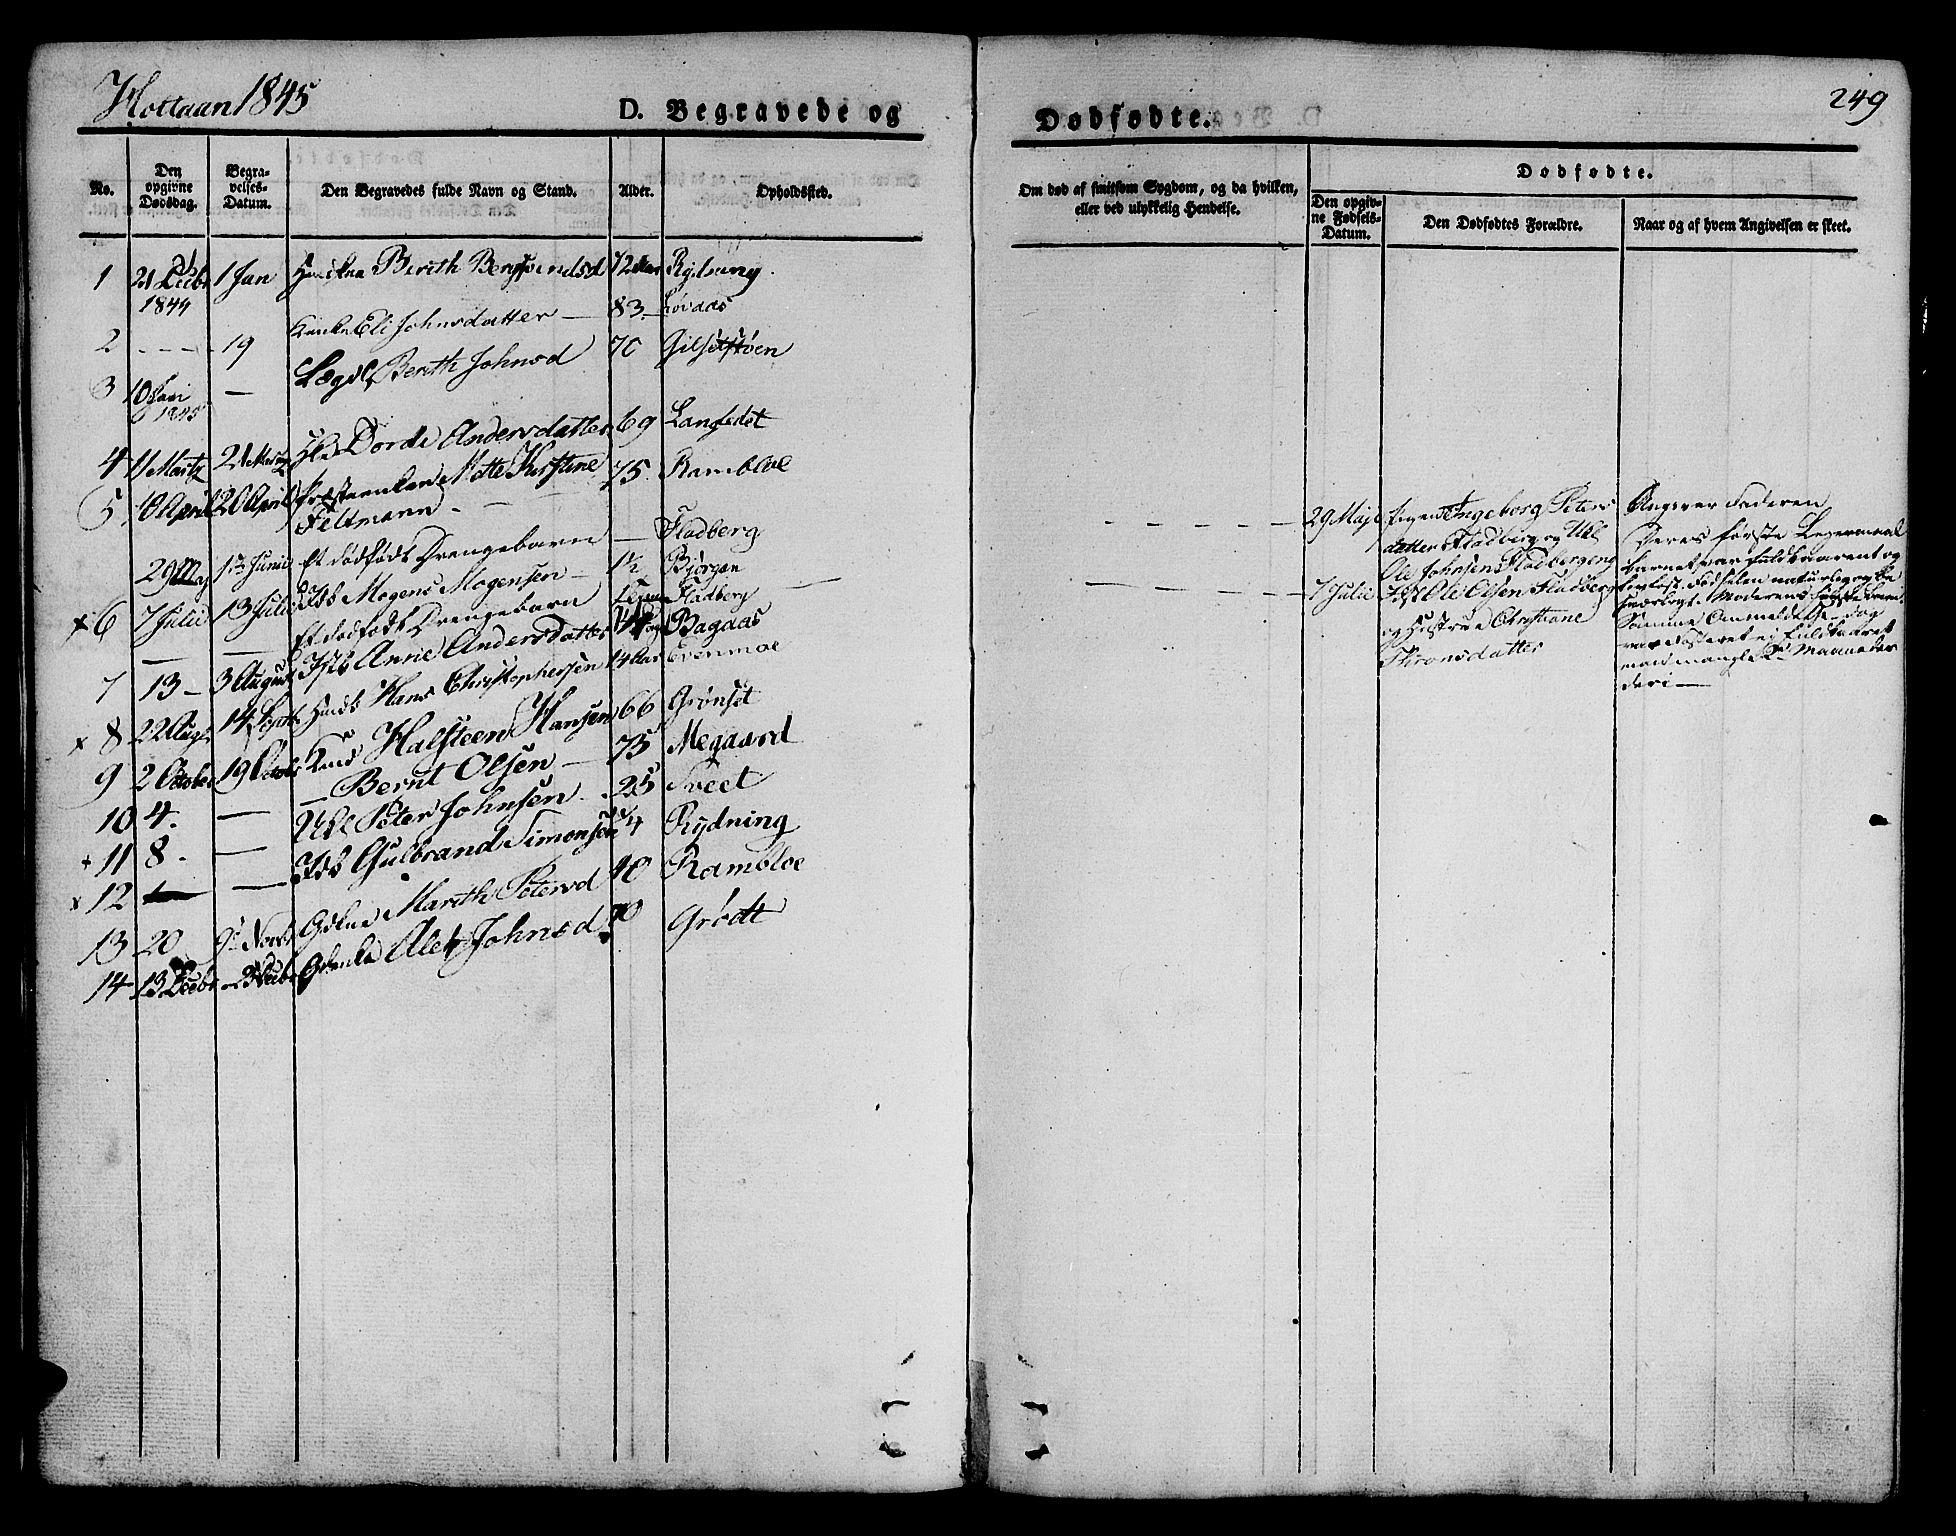 SAT, Ministerialprotokoller, klokkerbøker og fødselsregistre - Sør-Trøndelag, 685/L0960: Ministerialbok nr. 685A05 /1, 1829-1845, s. 249